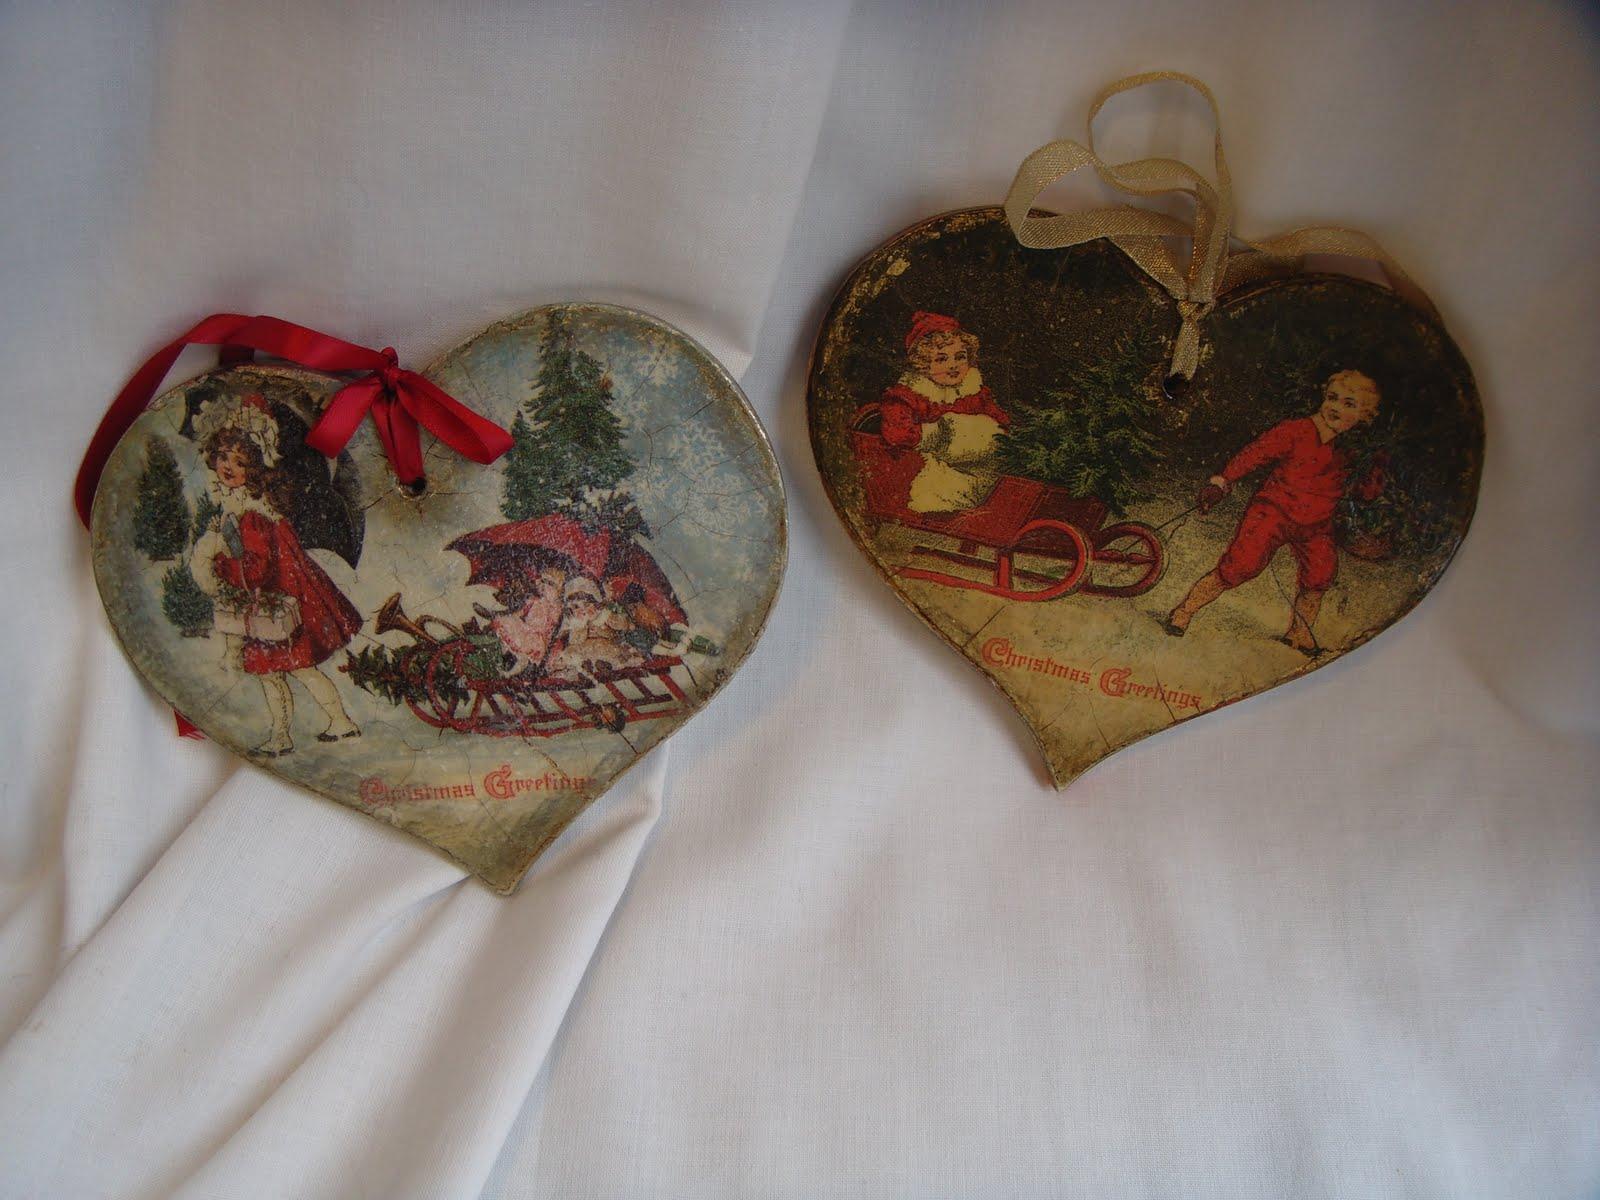 #673B28 Garden Of Decoupage: Vintage Christmas Decoration 6365 décoration noel découpage 1600x1200 px @ aertt.com